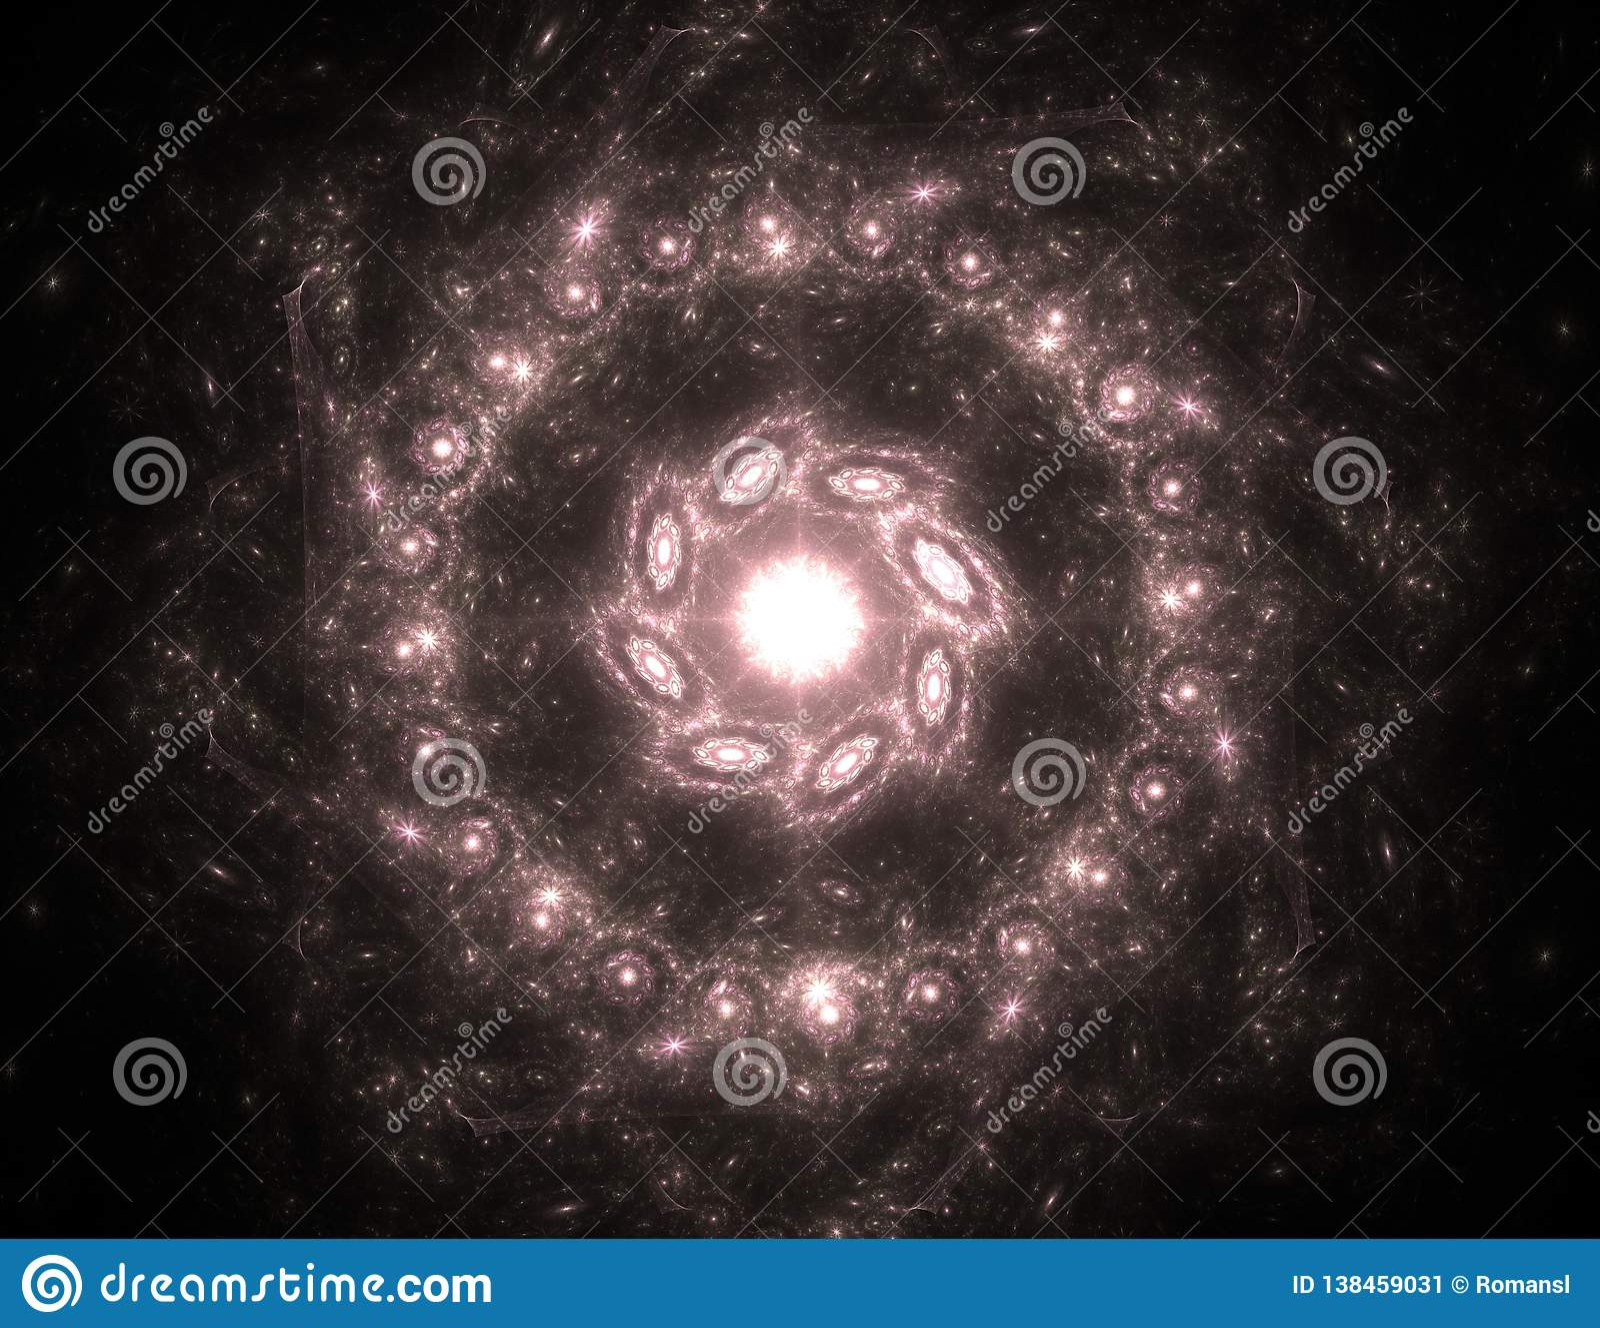 Abstracte fractal schipbreuk, digitaal kunstwerk voor creatief grafisch ontwerp